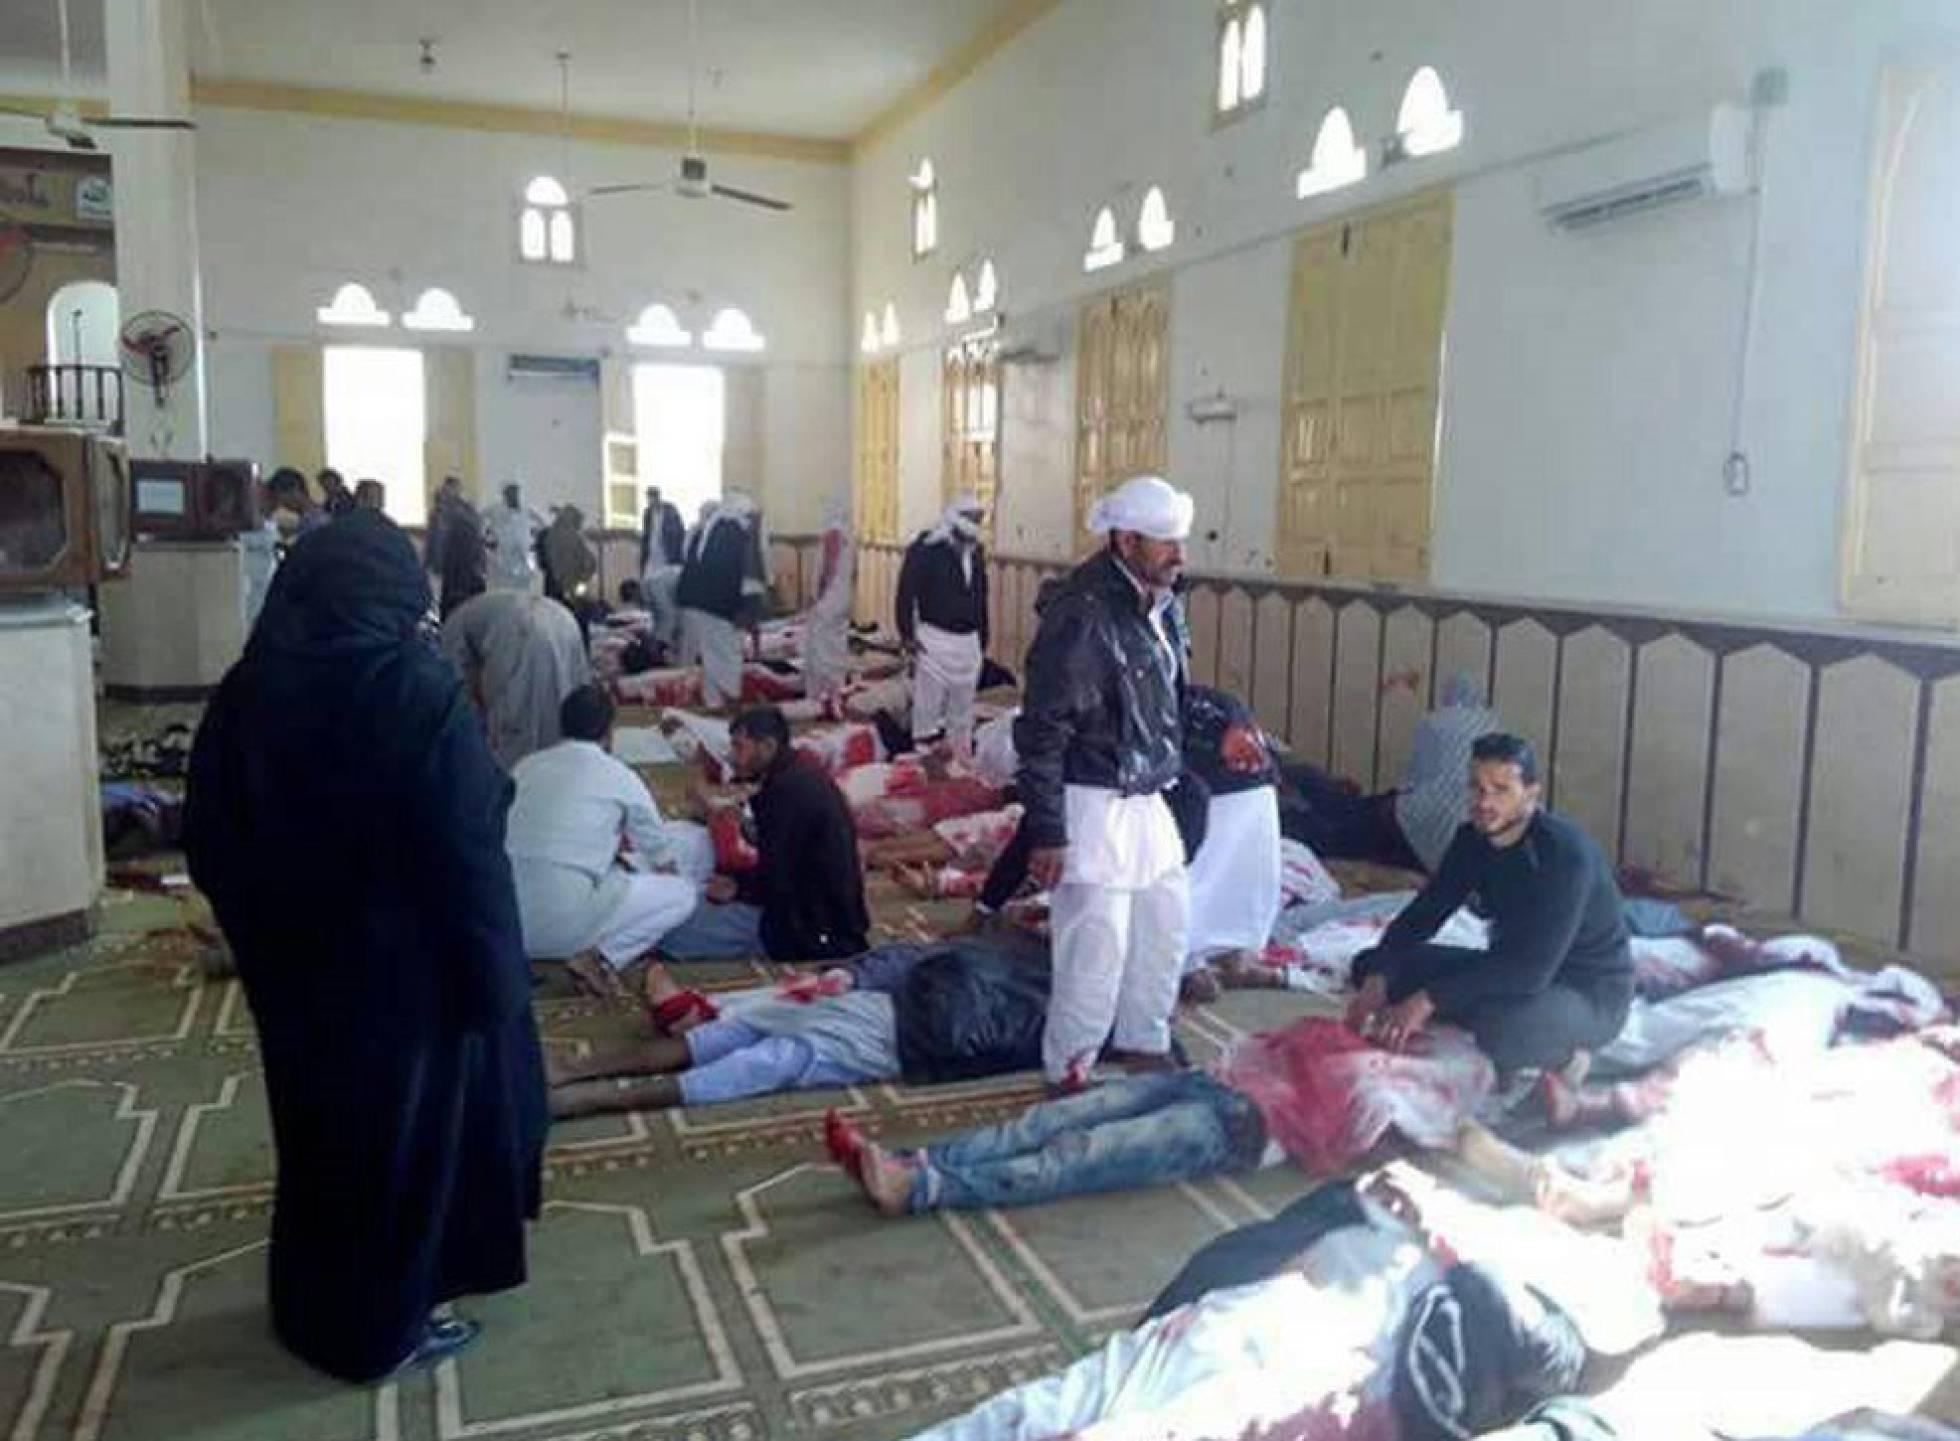 El peor atentado en la historia de Egipto causa al menos 235 muertos en una mezquita